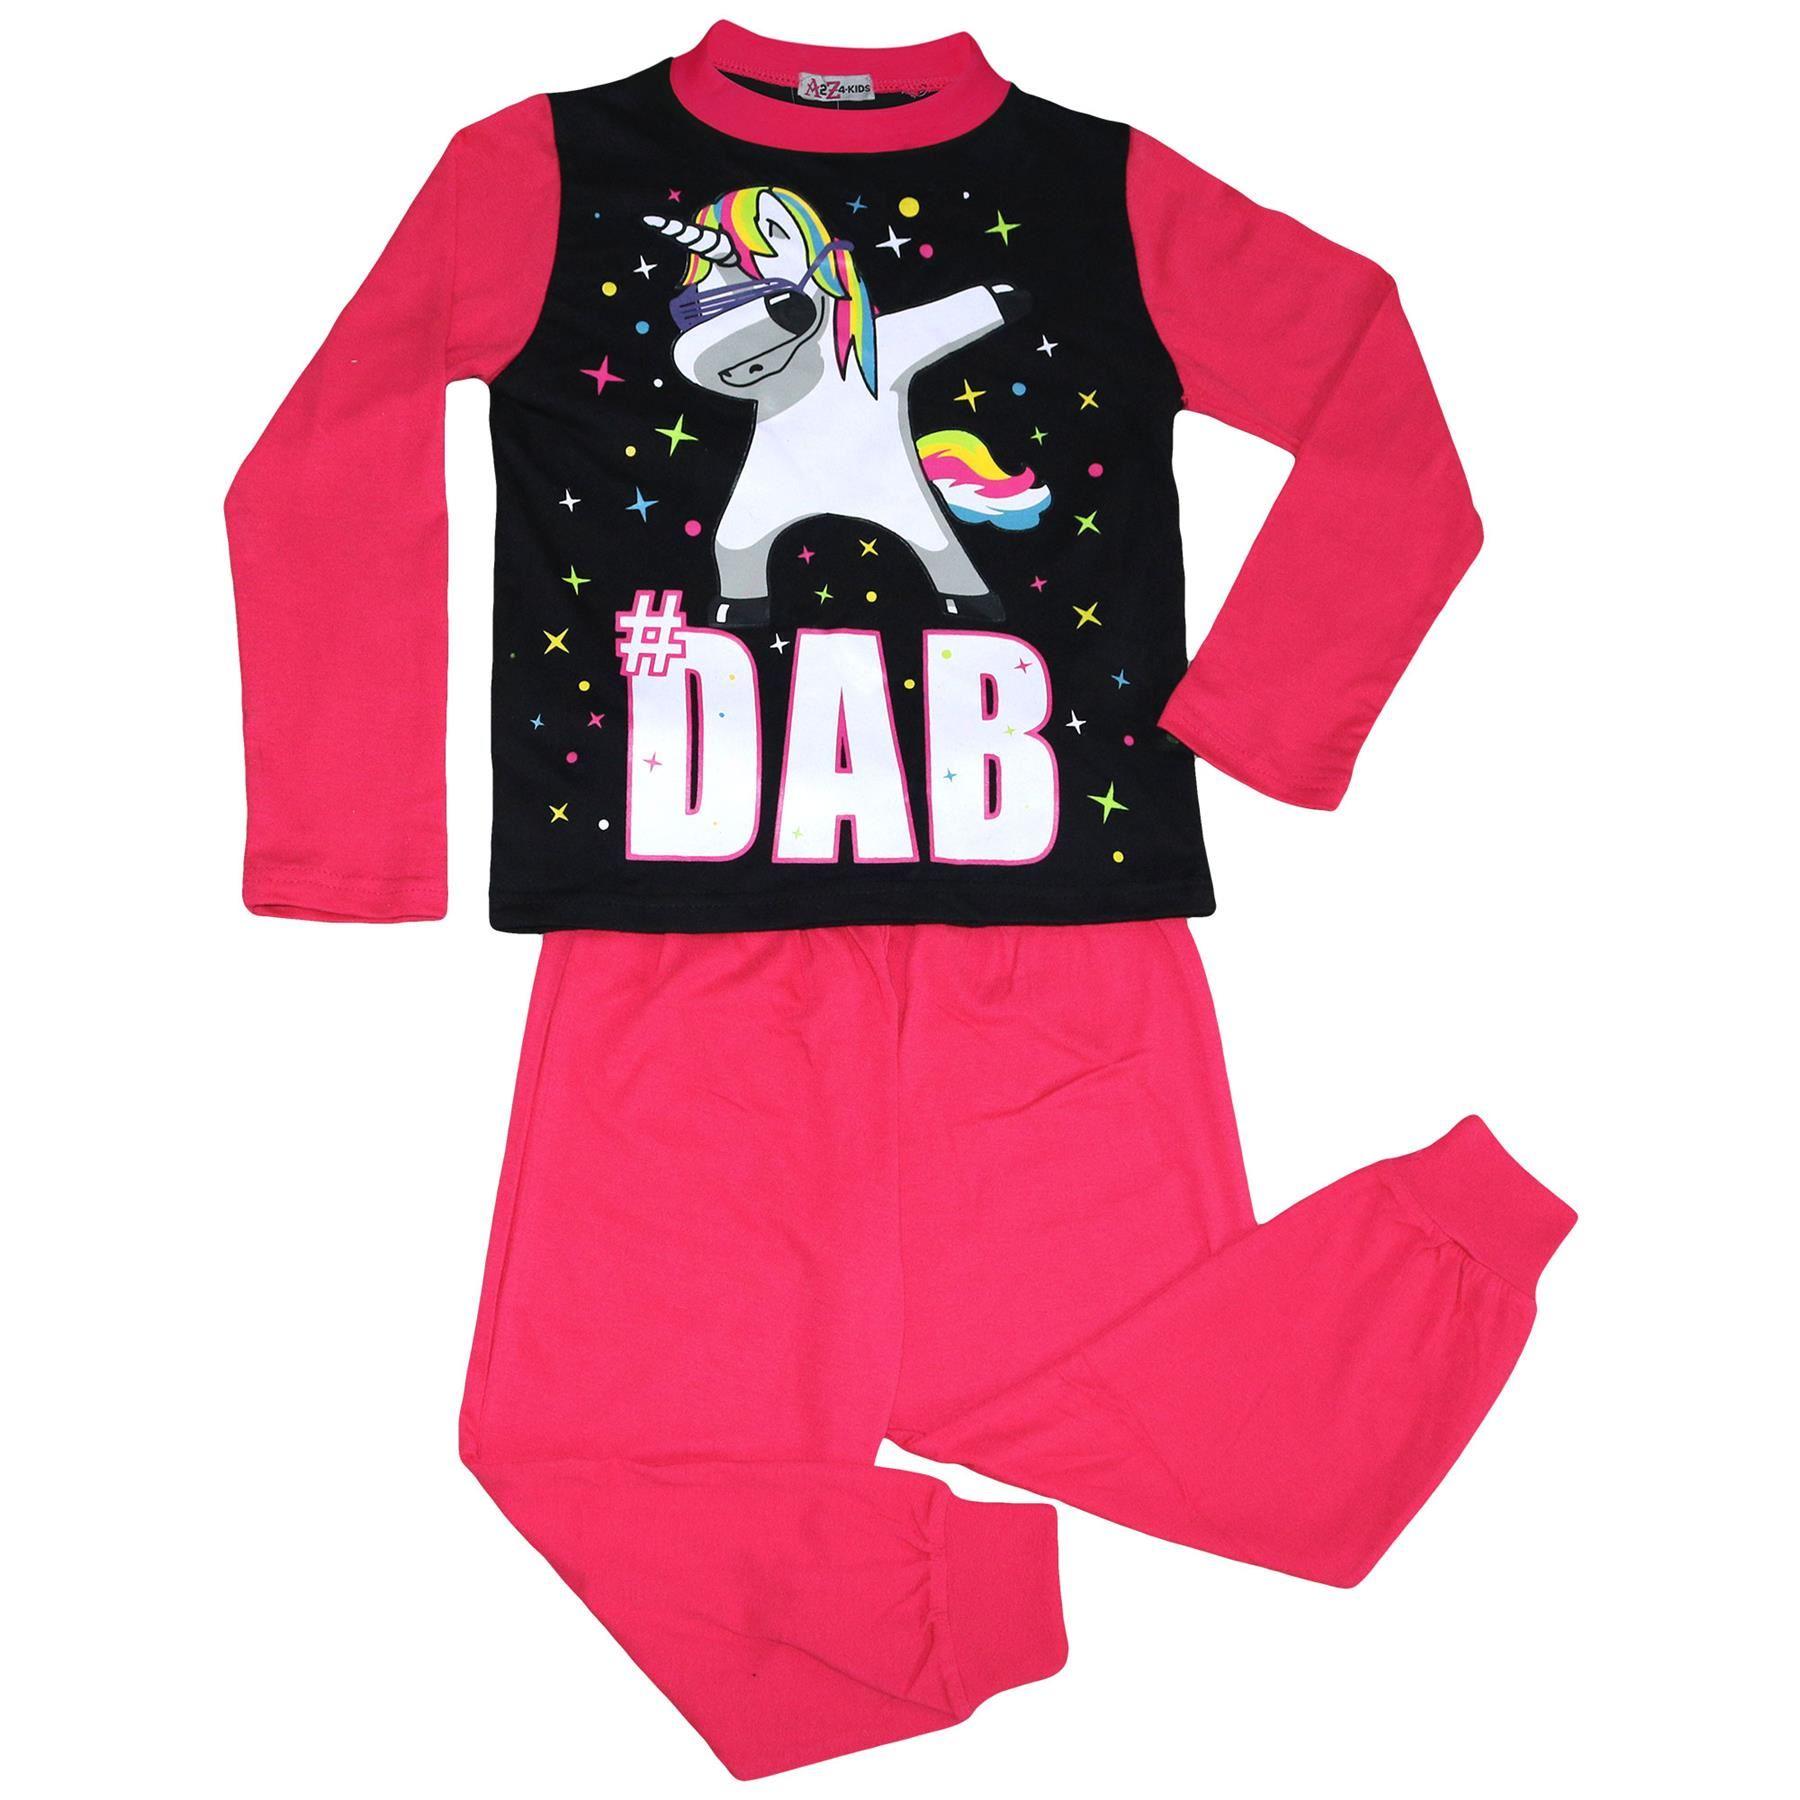 Enfants Filles Dabbing Licorne # DAB Rose Bébé Floss Pyjama Vêtement de Loisirs